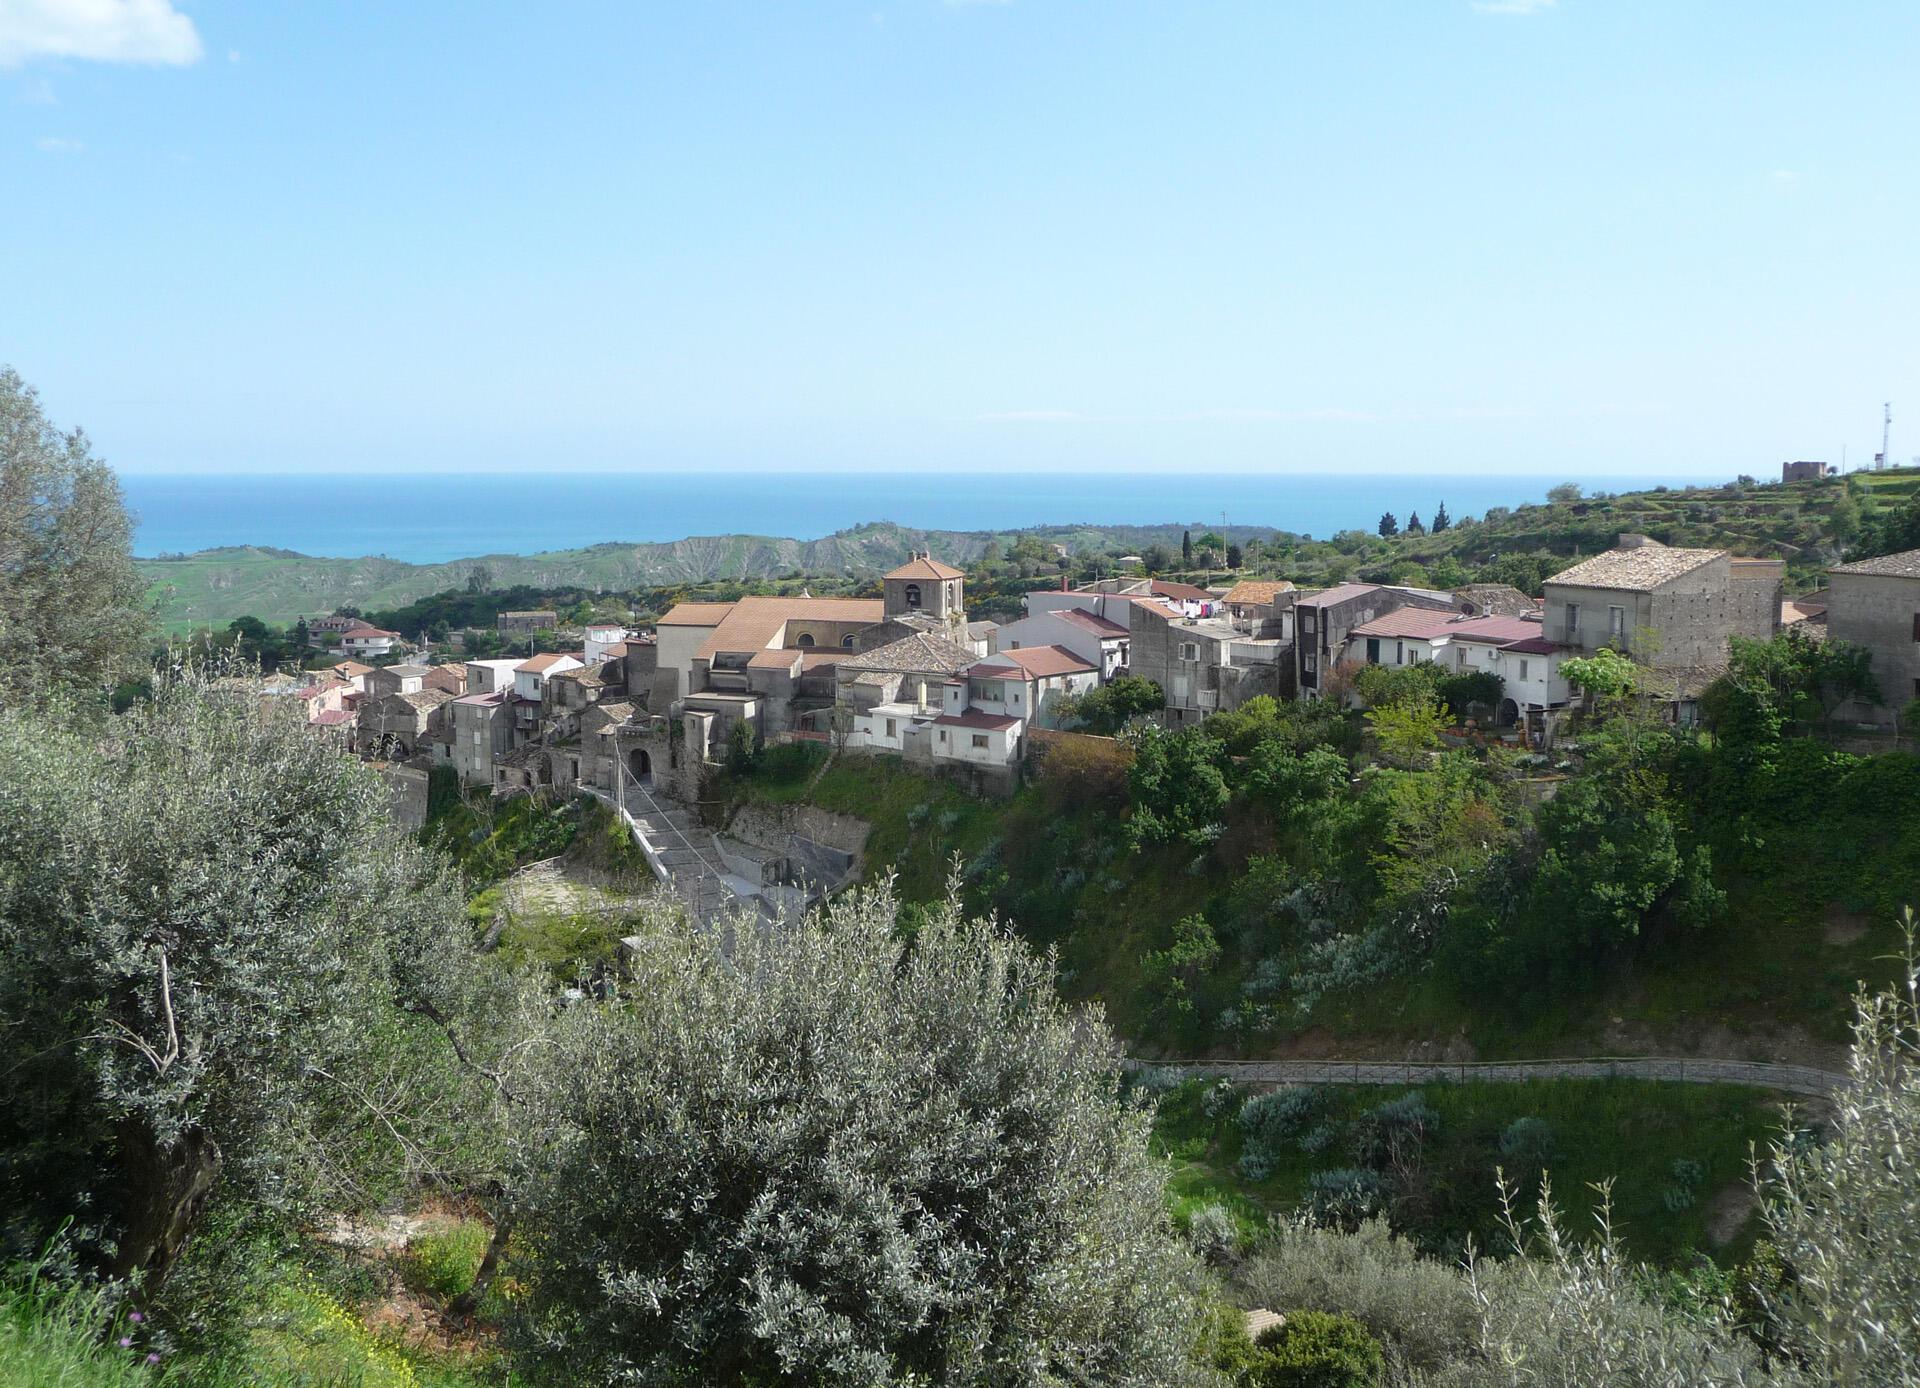 Le village de Riace dans le sud de la Calabre. (photo d'illustration).